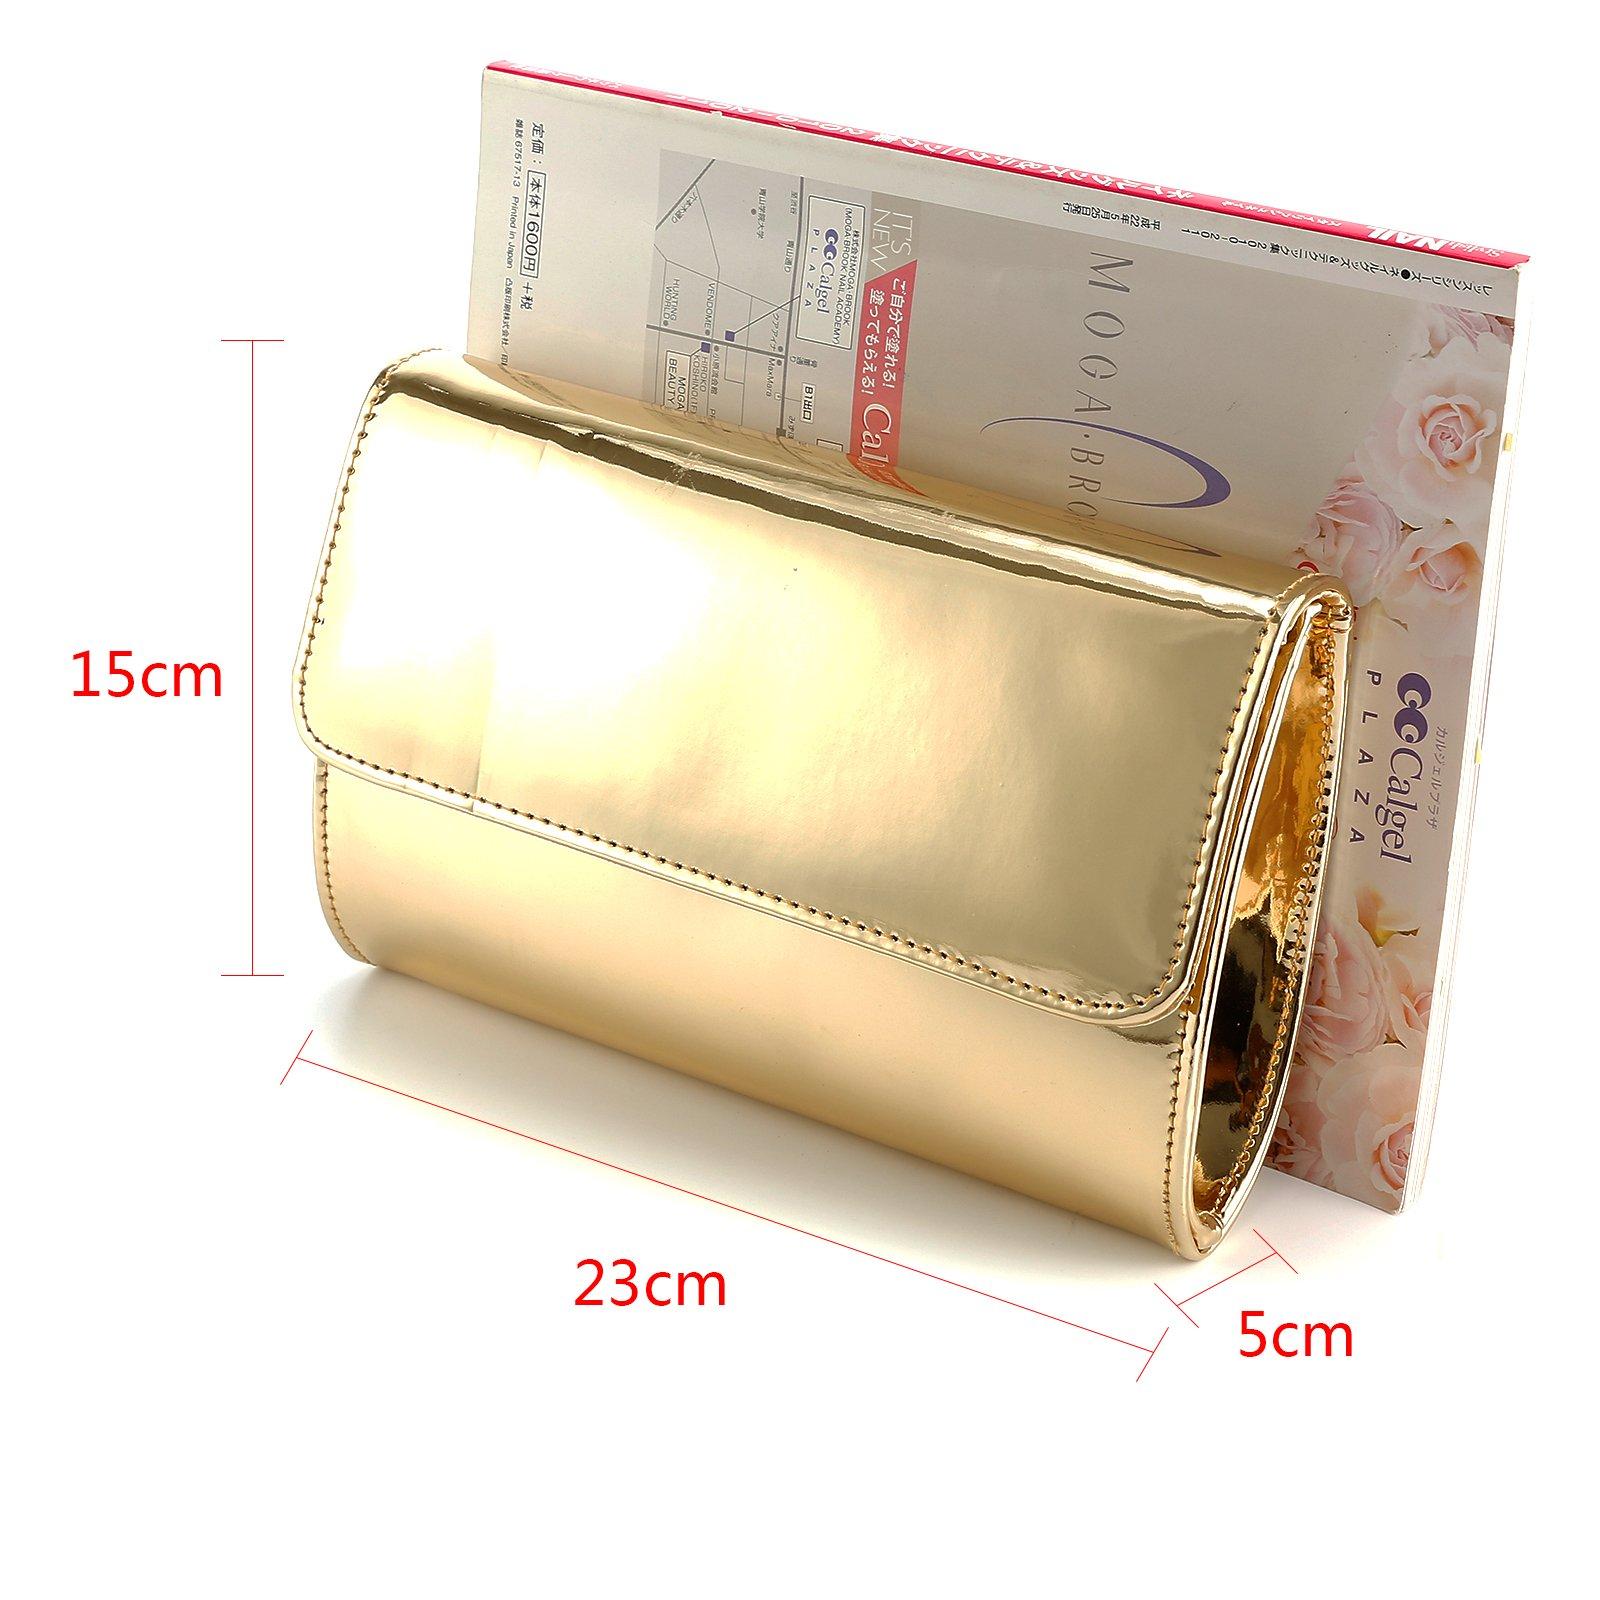 Fraulein38 Designer Mirror Metallic Women Clutch Patent Evening Bag by Fraulein38 (Image #8)